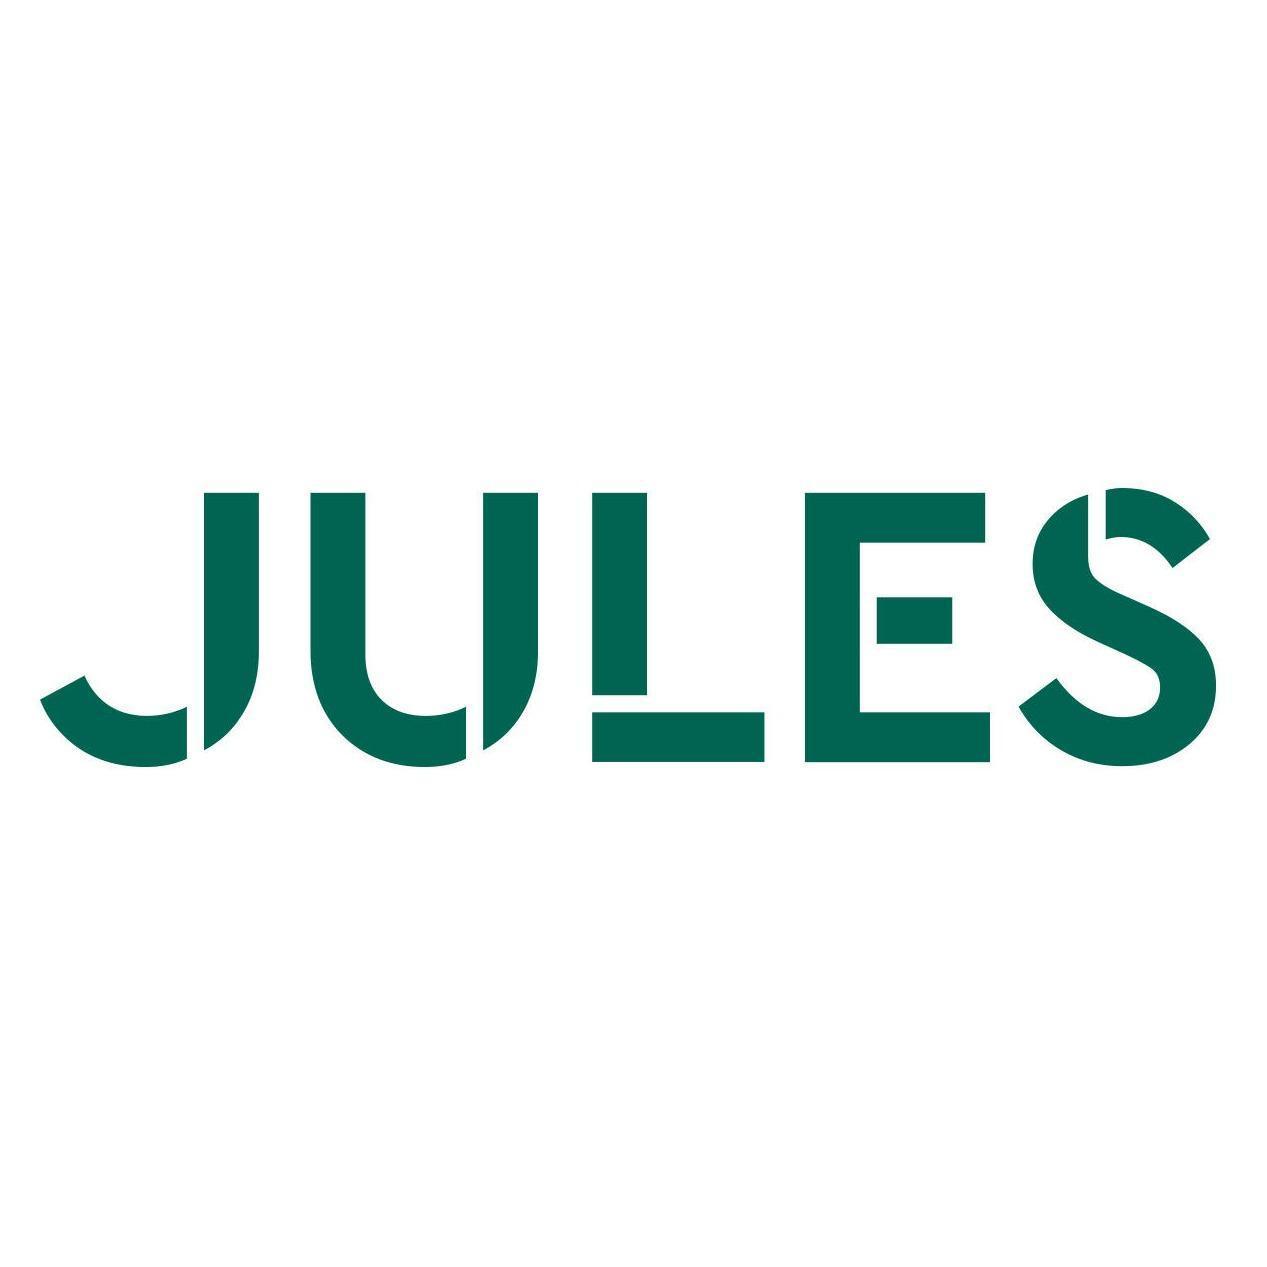 Jules Houdemont